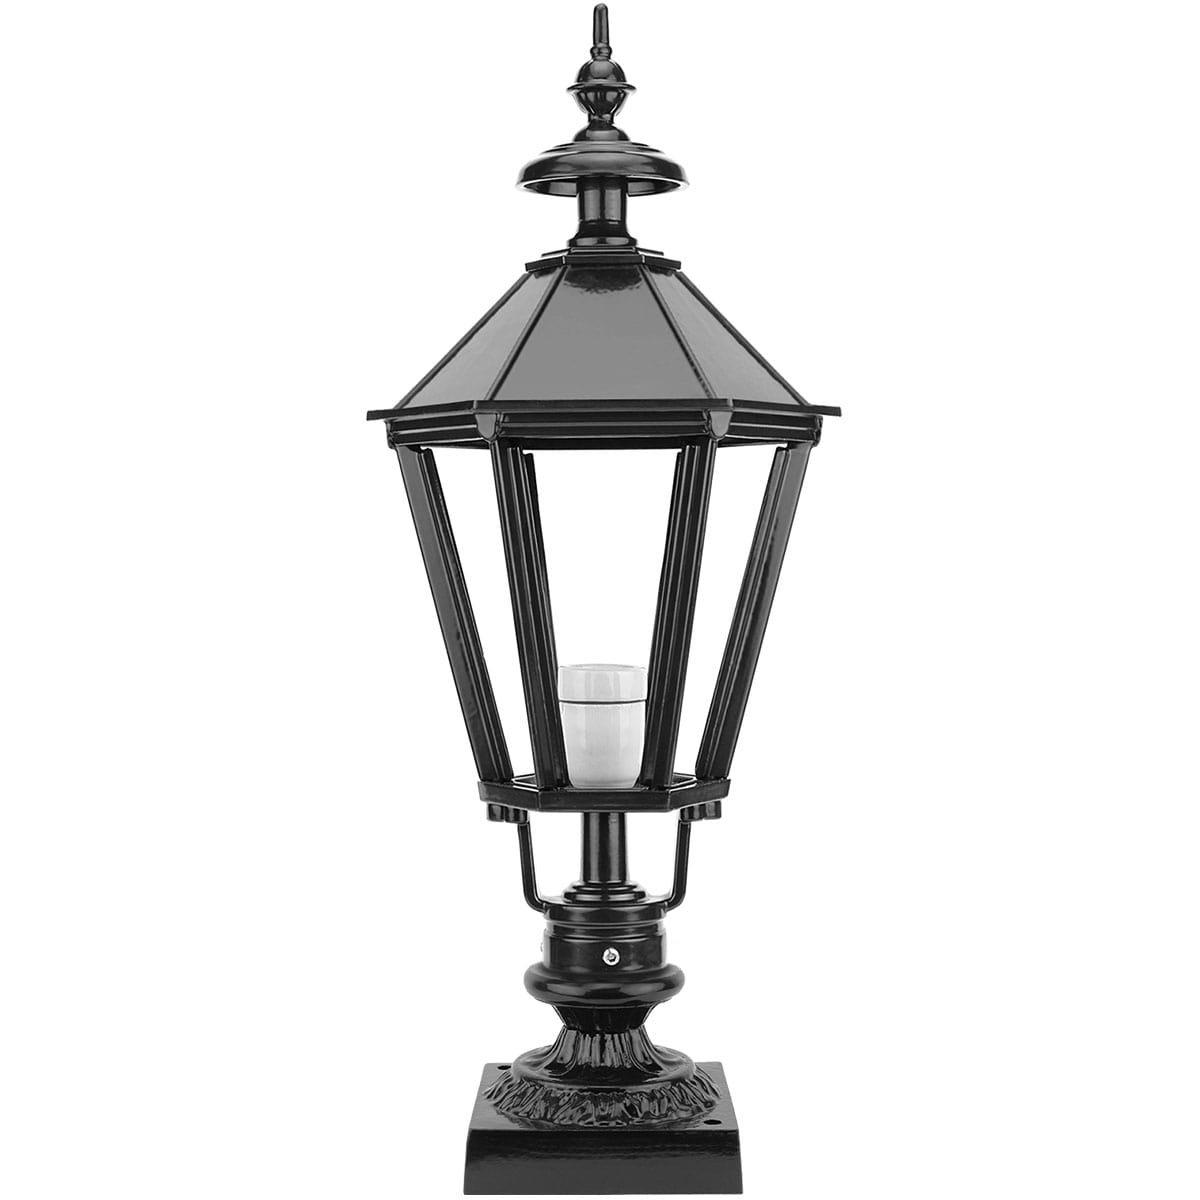 Buitenverlichting Klassiek Landelijk Tuinlamp zeskant Abbekerk - 62 cm